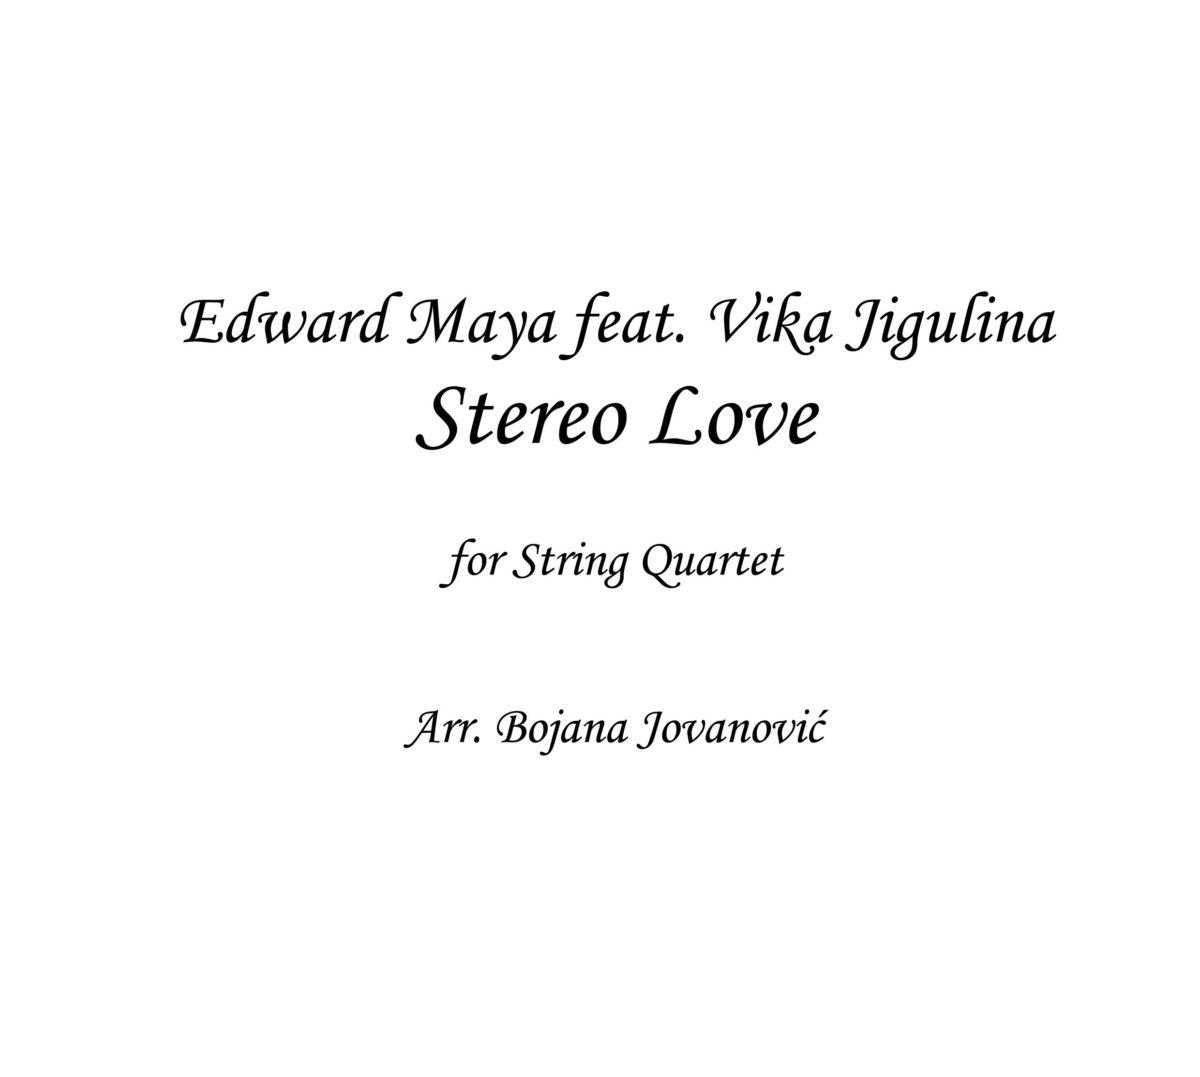 Stereo Love (Edward Maya) - Sheet Music